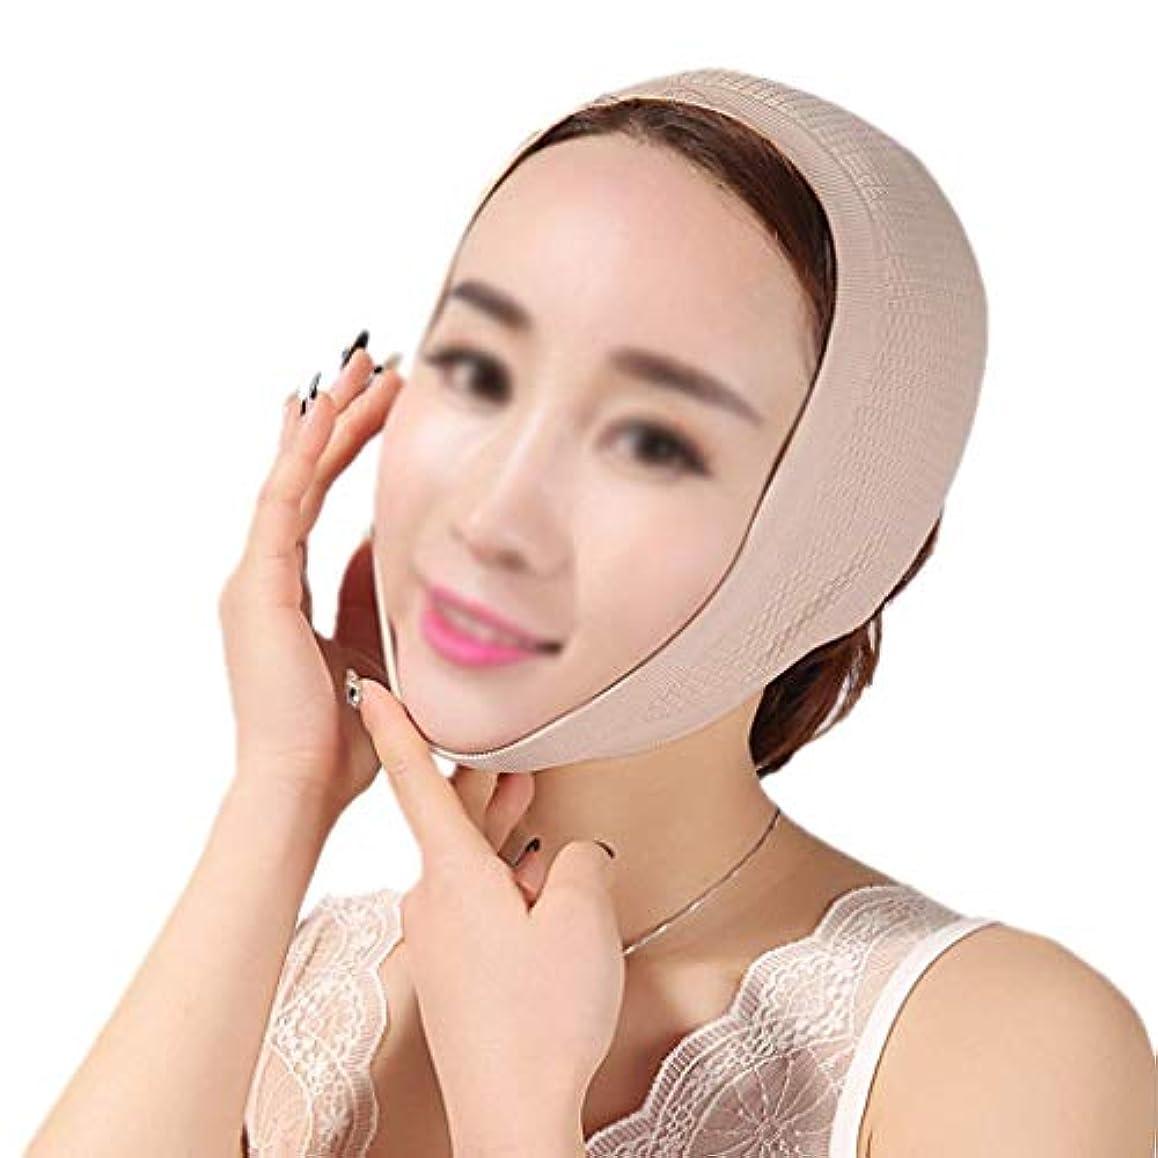 ヘッドレス芽恩赦フェイスリフティングマスク、フェイスリフティングバンデージ、細い二重あごからしわ防止マスク、フェイスリフティングベルト(ワンサイズ)